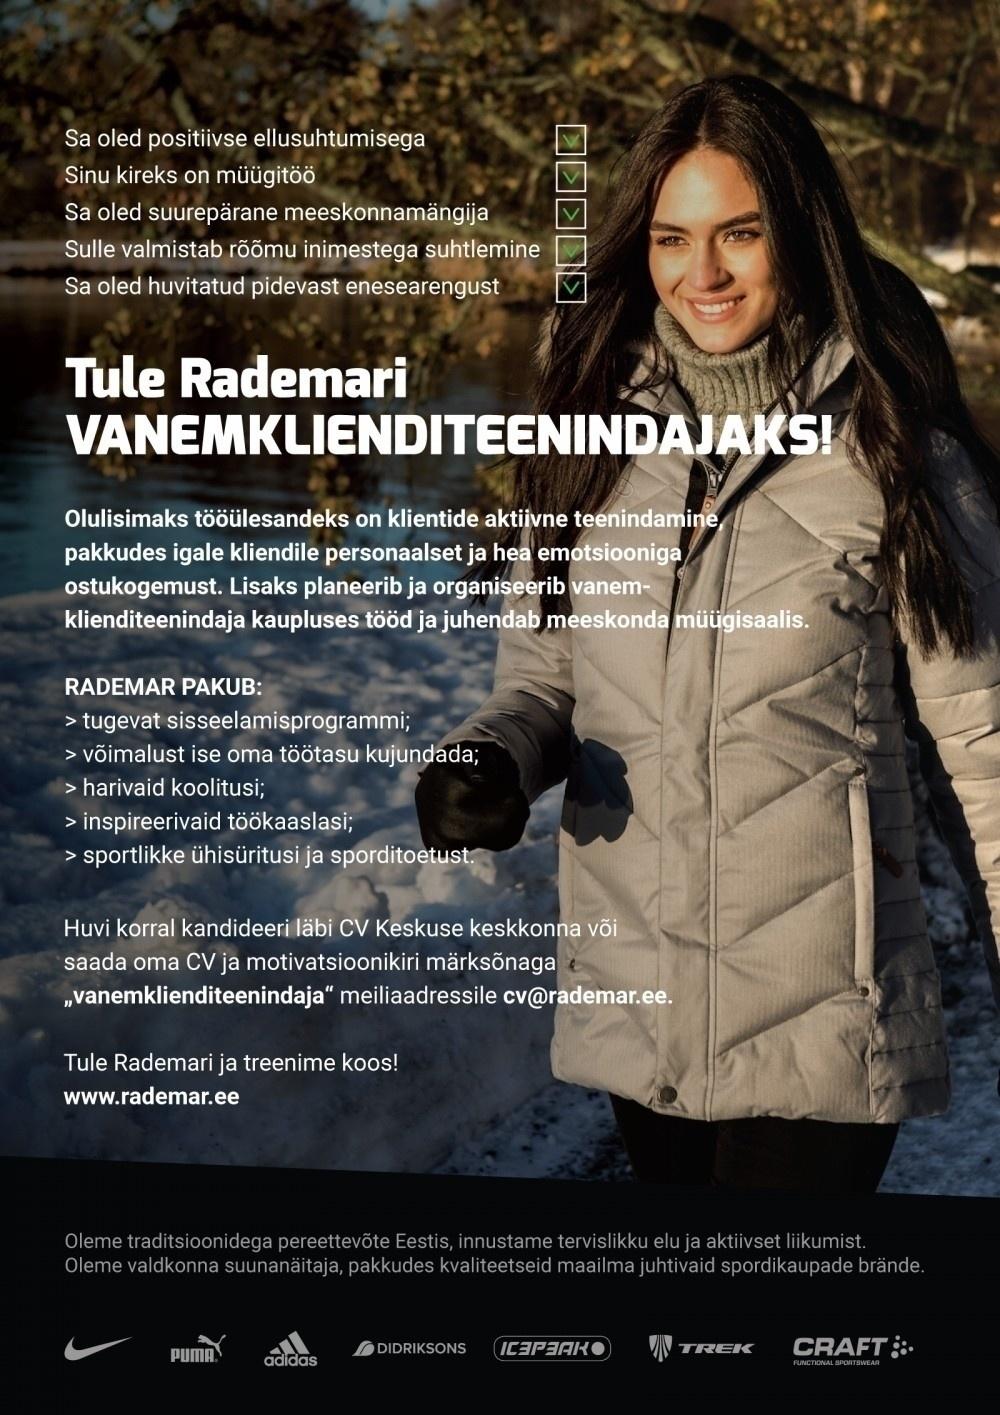 1cb2b153cec Firma nimi peidetud Vanemklienditeenindaja Järve keskuse Rademari  kauplusesse